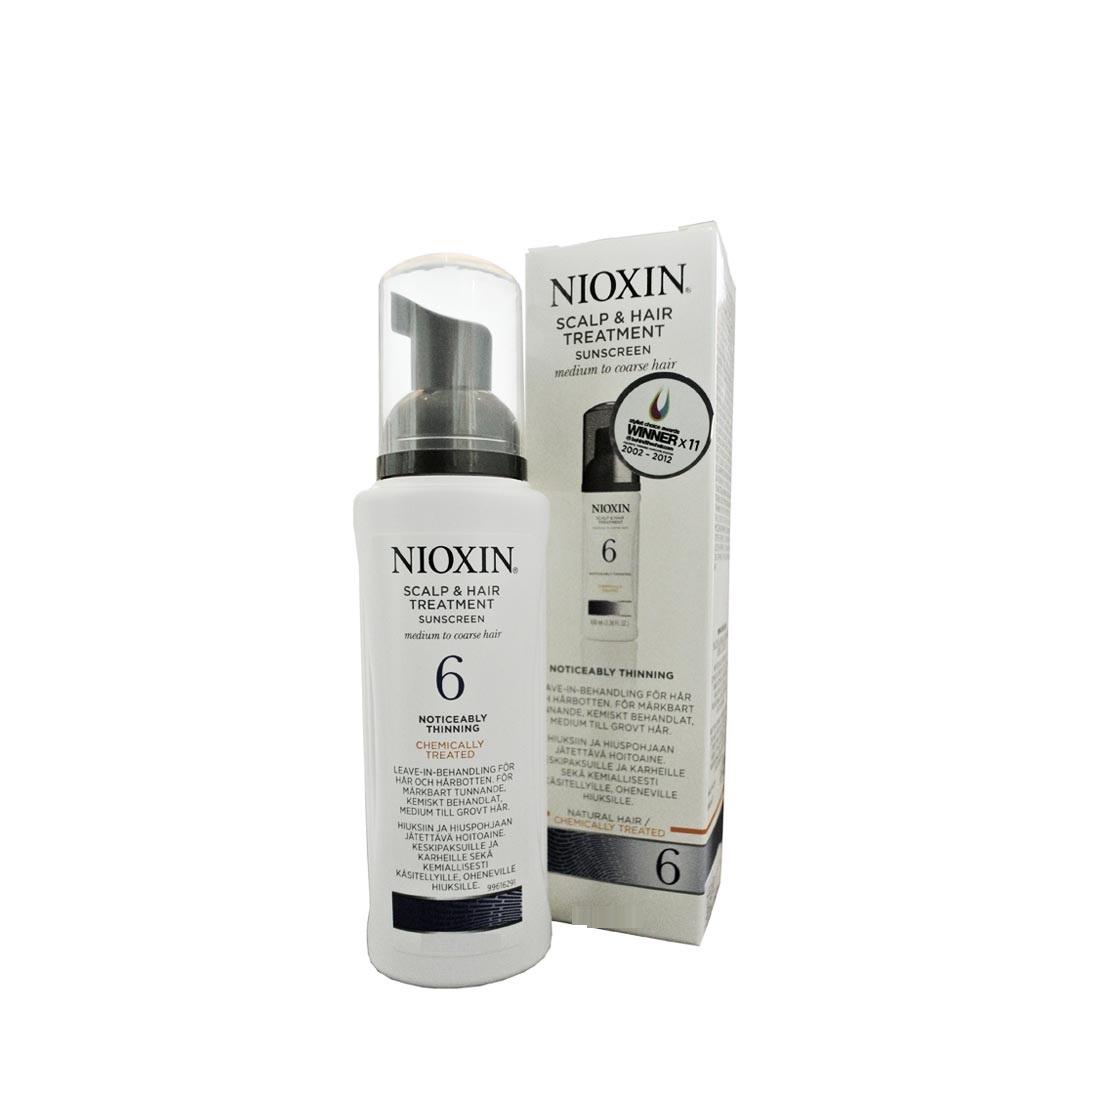 Nioxin Scalp Treatment System 6 - Питательная маска (Система 6) 200 мл81543667/7701Питательная маска от Ниоксин из системы 6 предназначена для жестких заметно редеющих волос, как натуральных, так и химически обработанных. Средство мягко питает и увлажняет волосы, а также нейтрализует дегидротестостерон. После применения питательной маски от Nioxin волосы становятся эластичными и гладкими, сильными и блестящими, красивыми и здоровыми.